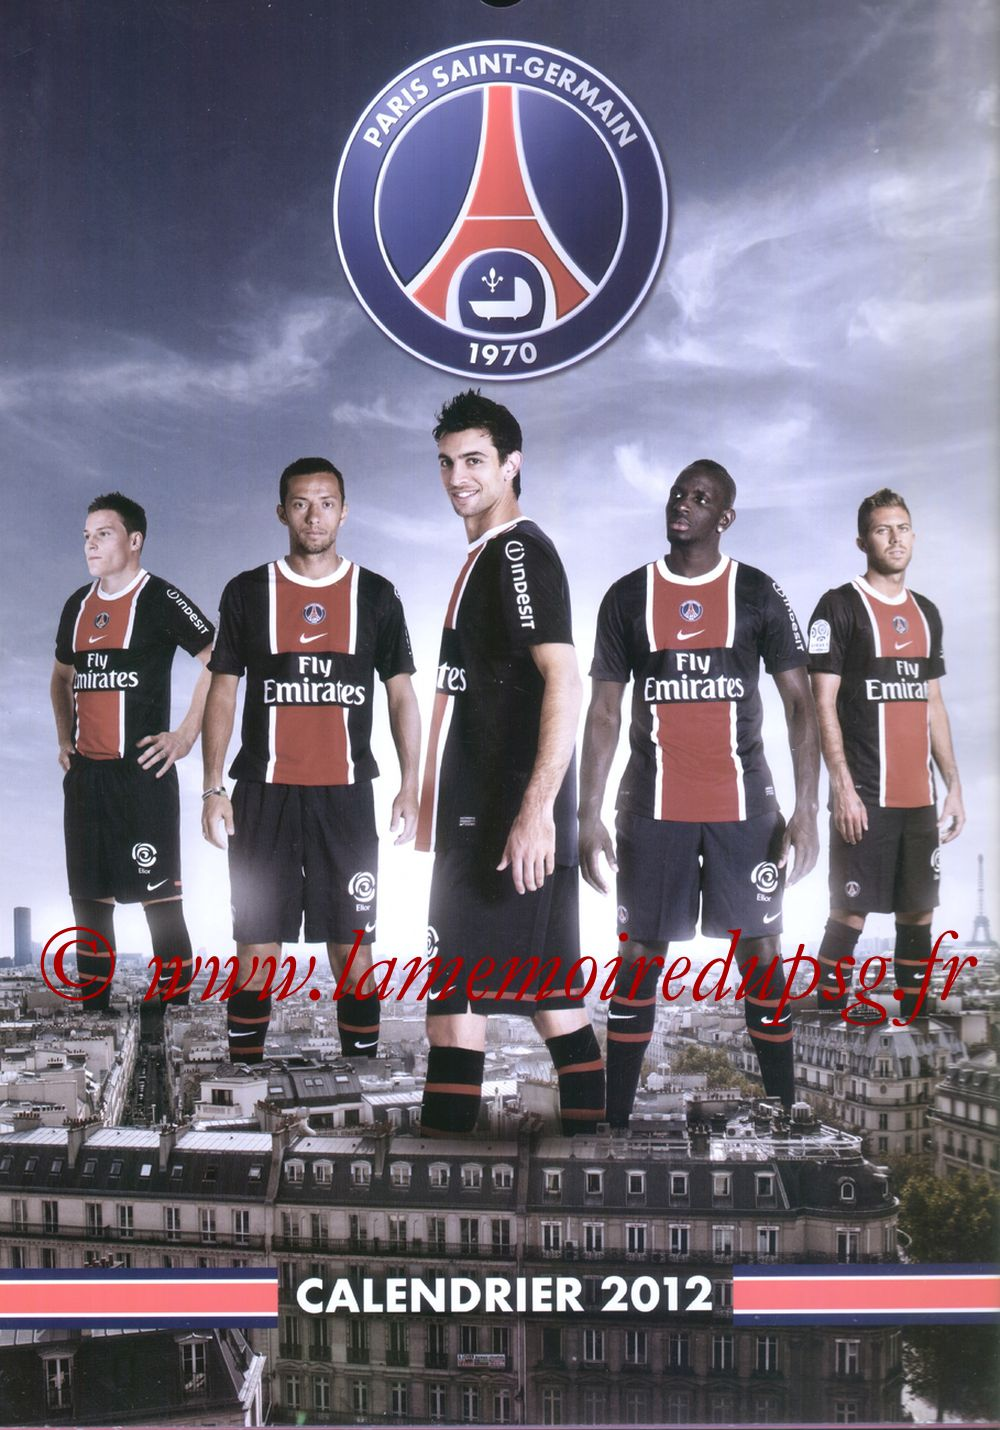 Calendrier PSG 2012 - Couverture